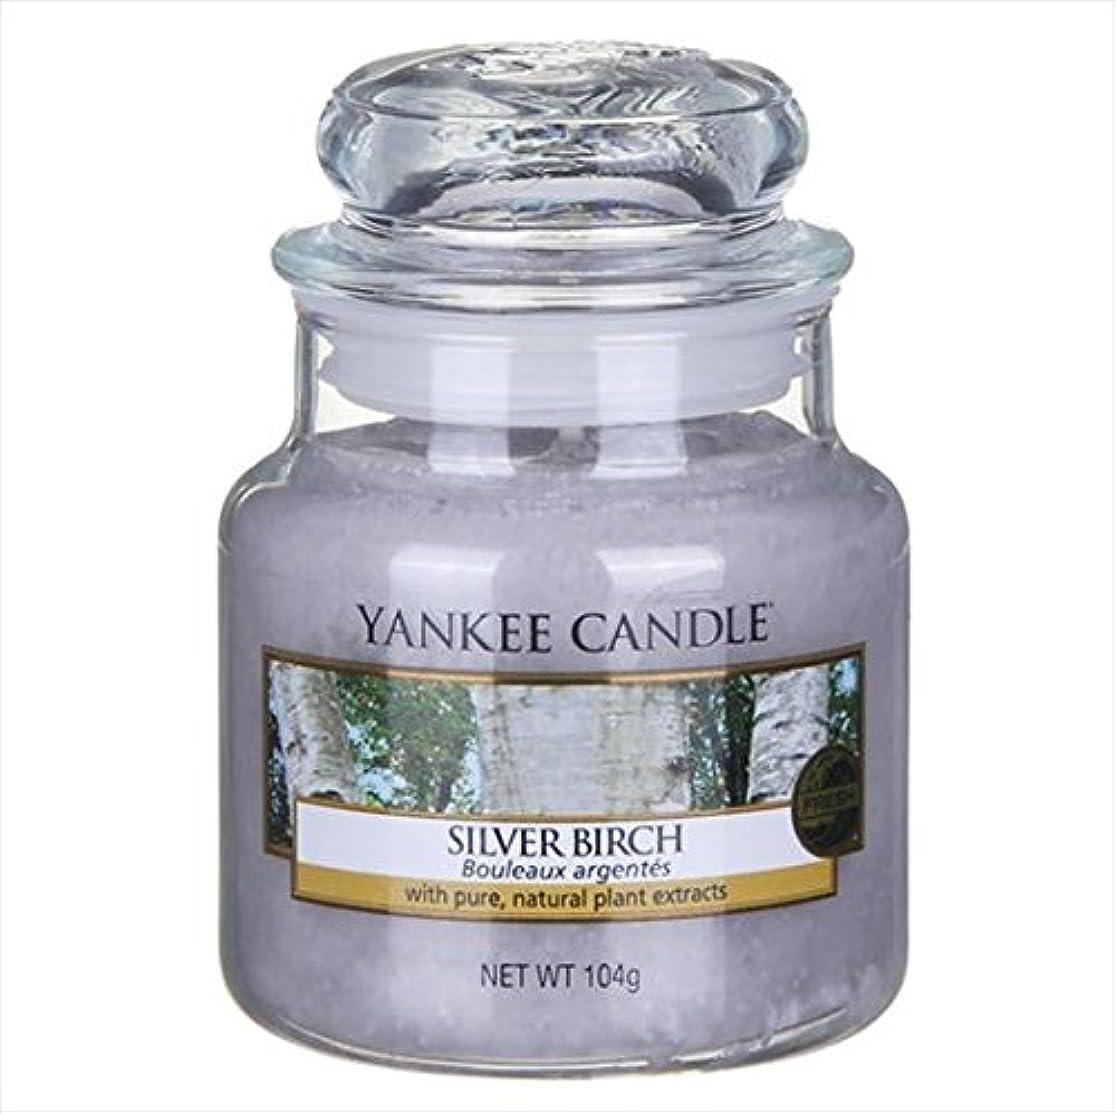 アリス信者アルカイックヤンキーキャンドル(YANKEE CANDLE) YANKEE CANDLEジャーS 「 シルバーバーチ 」